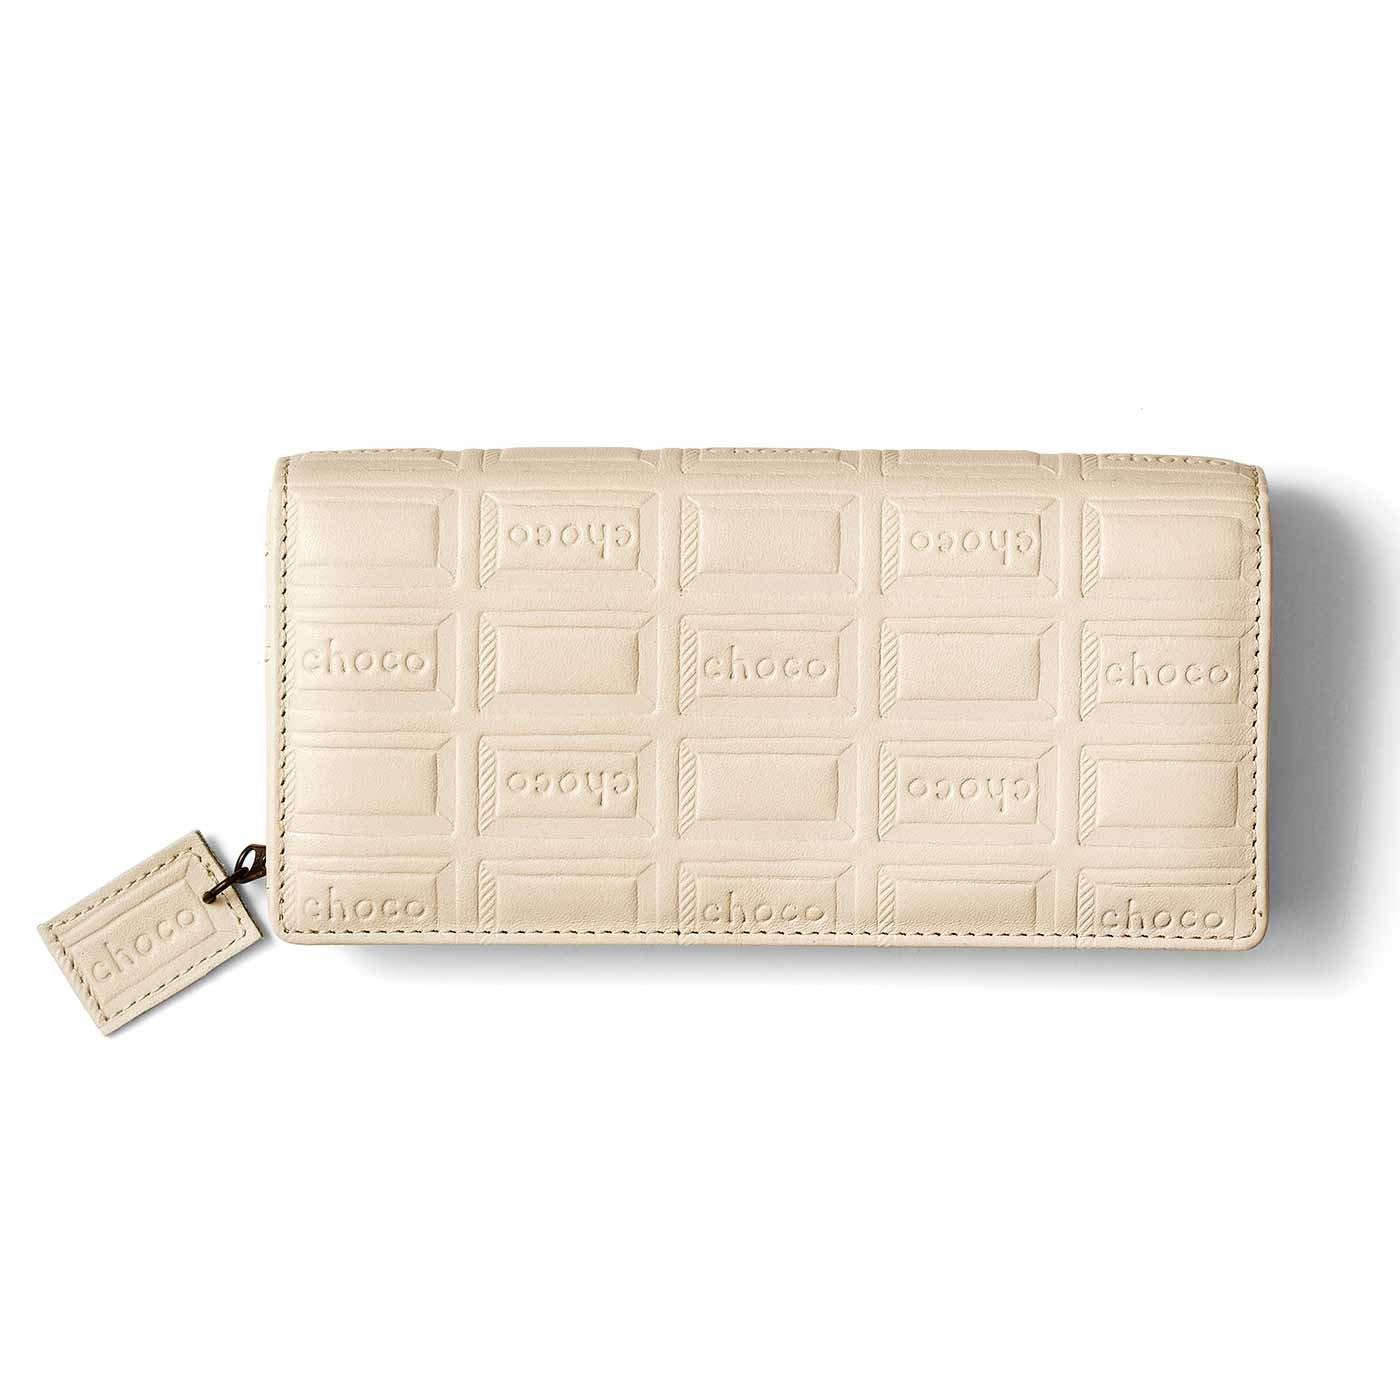 復刻! 本革チョコ柄のバイヤー長財布〈ミルクチョコホワイト〉[本革 財布:日本製]